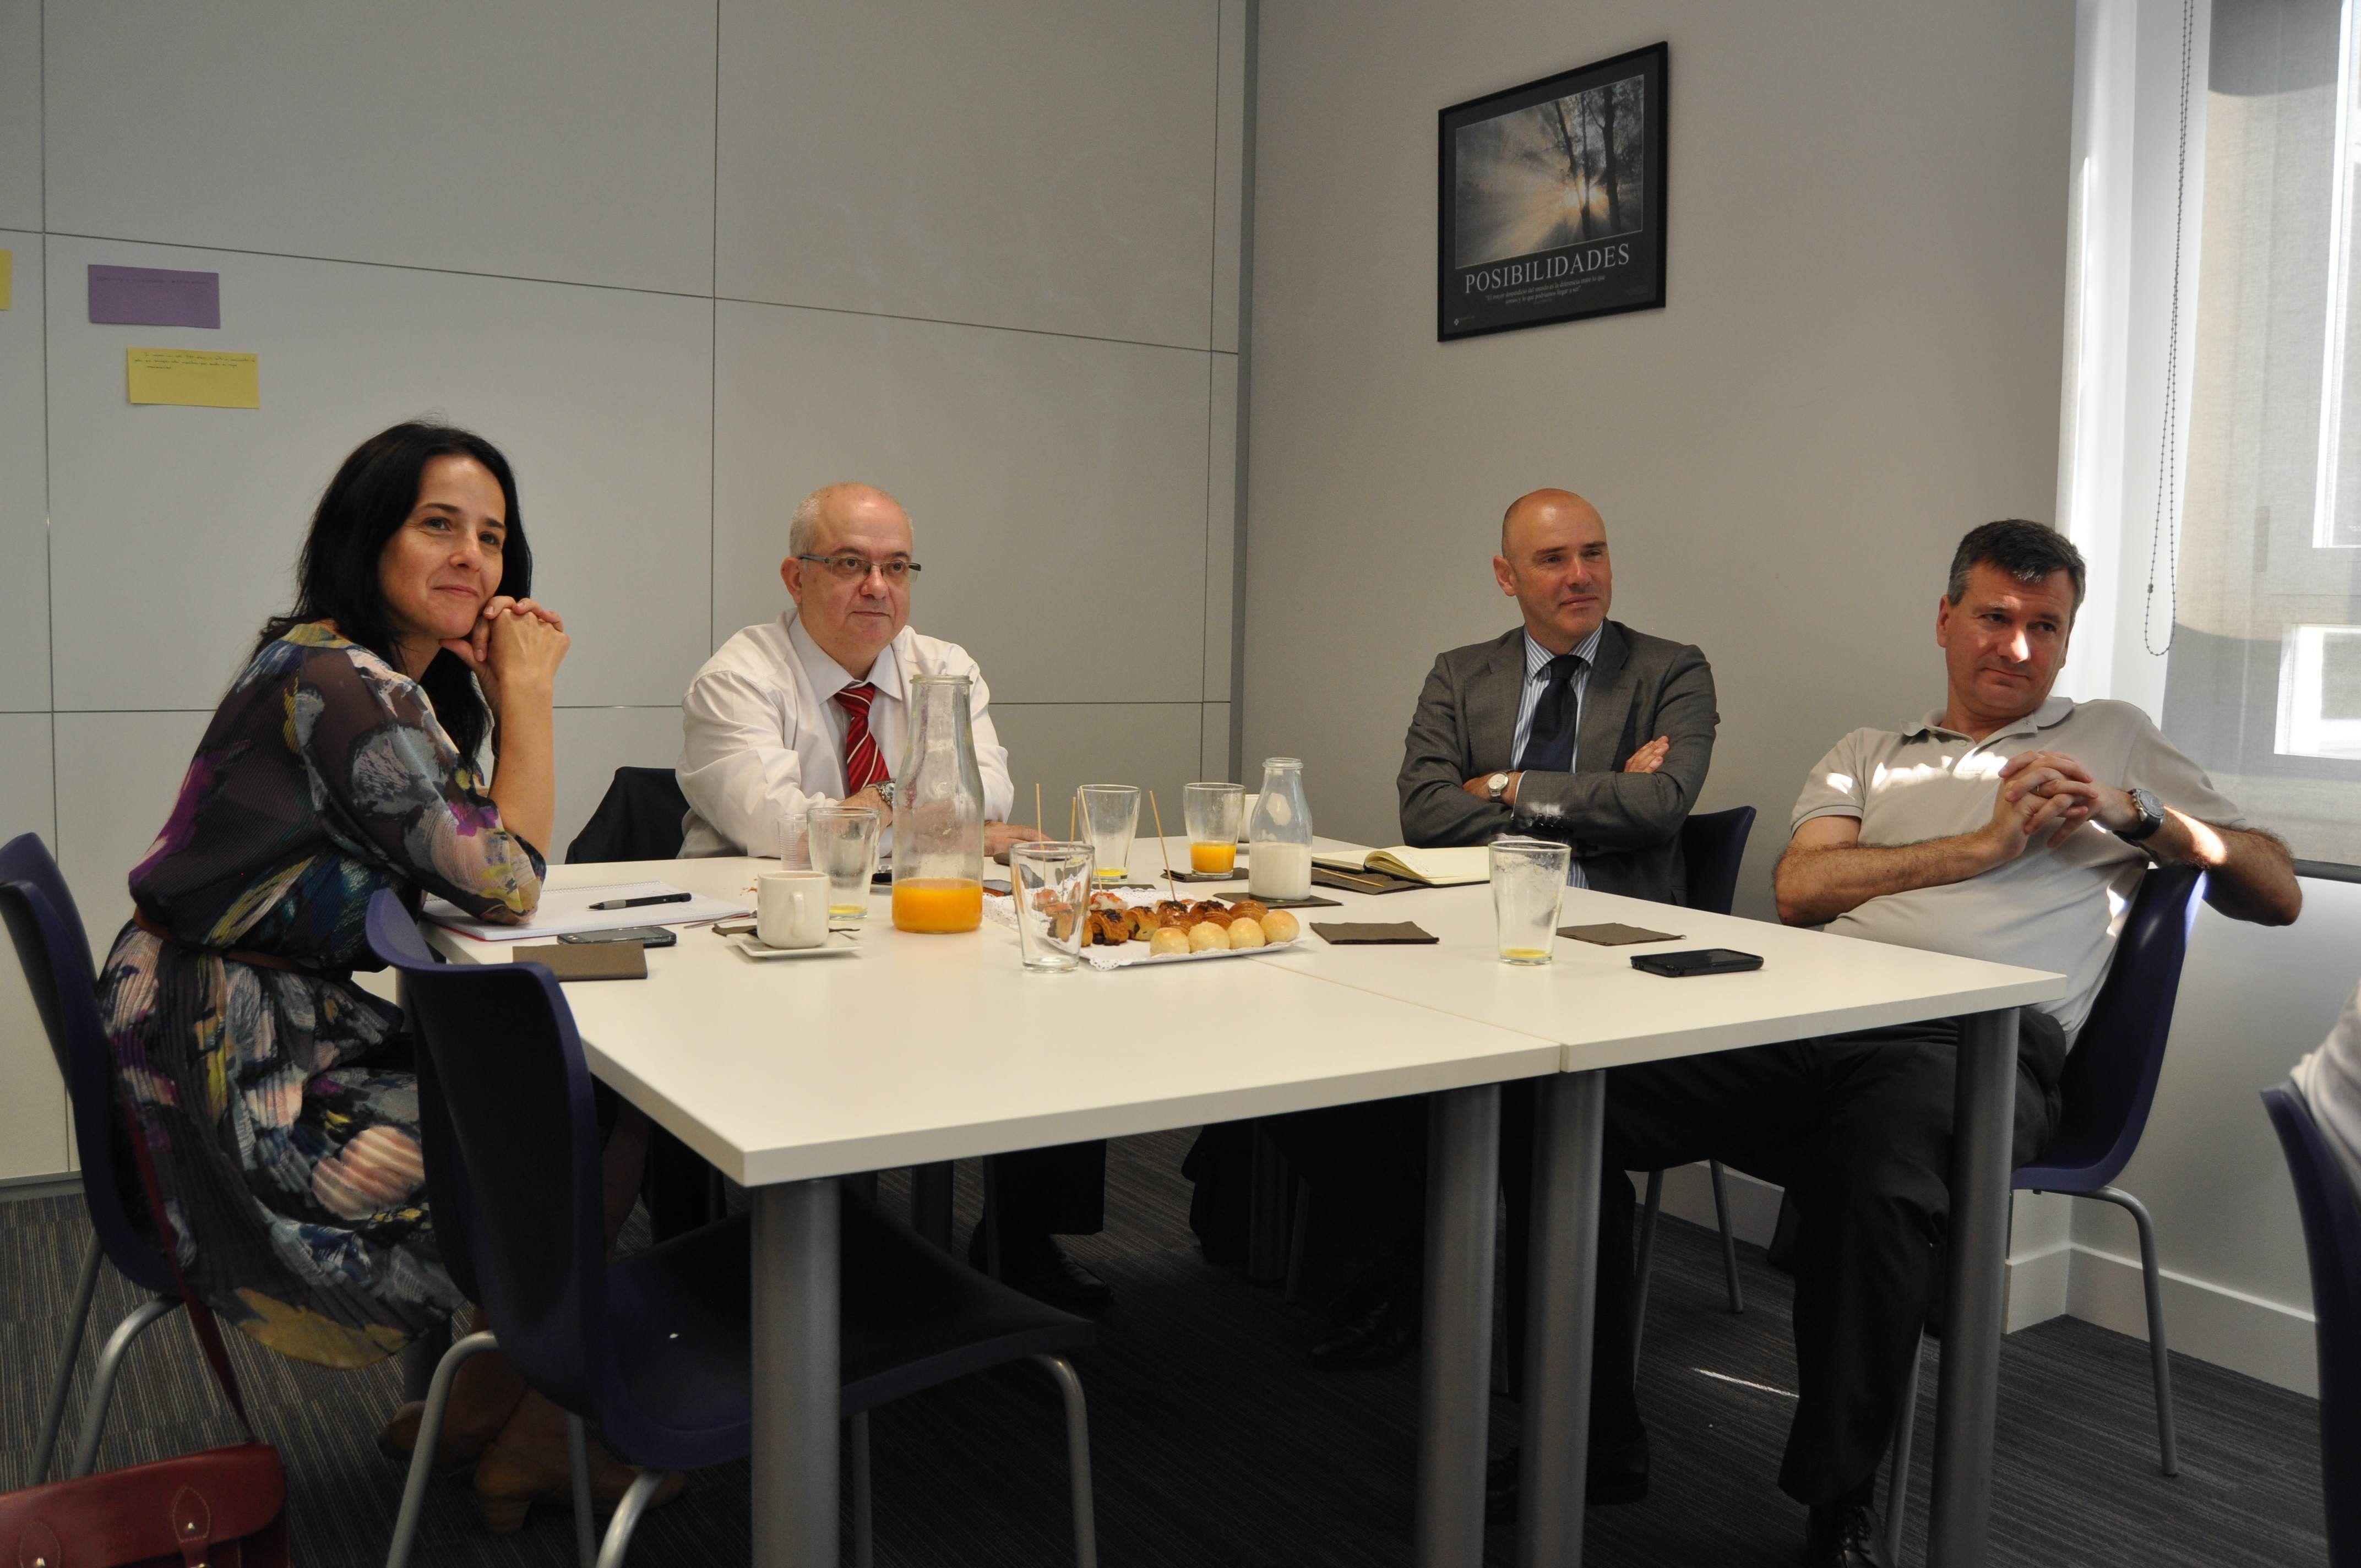 Mónica Casla, Ricardo Cobo, Aitzol Asla y Luis Cordero, desayunando con Tucho y Javier Ortego.